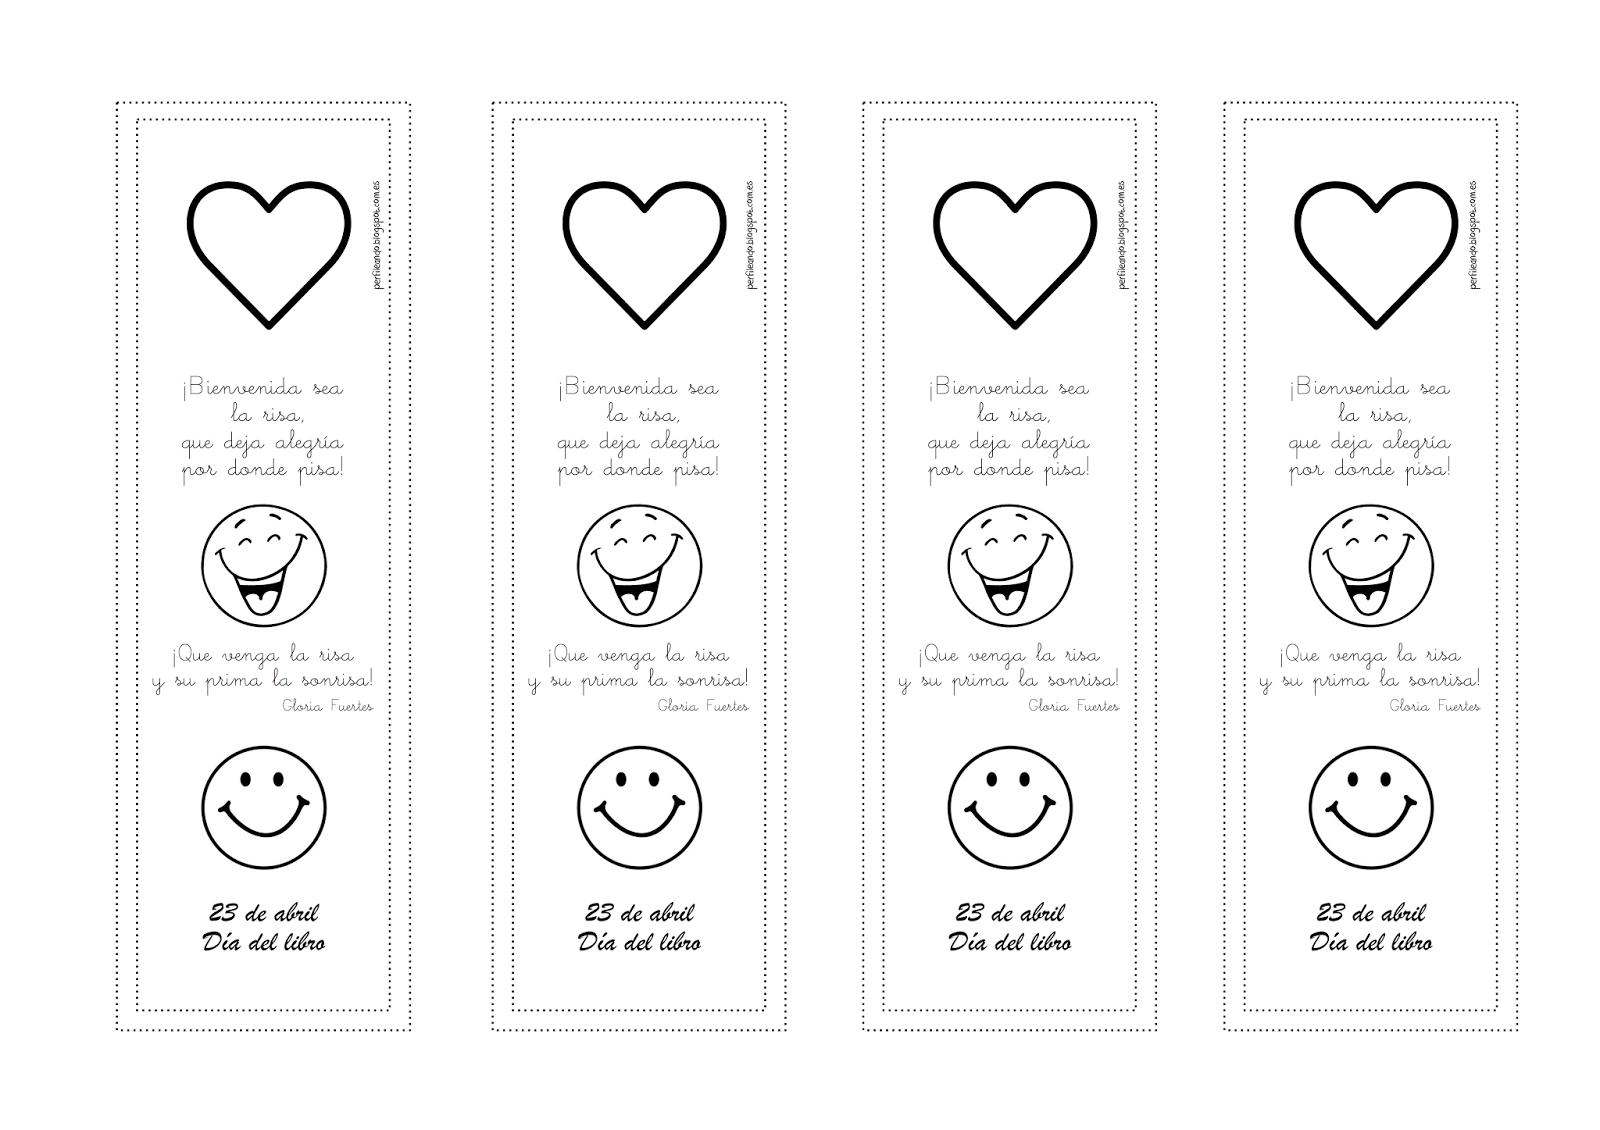 Láminas para perfil. Láminas escolares. Manualidades. Láminas de frases. Frases.Diseño de tazas.